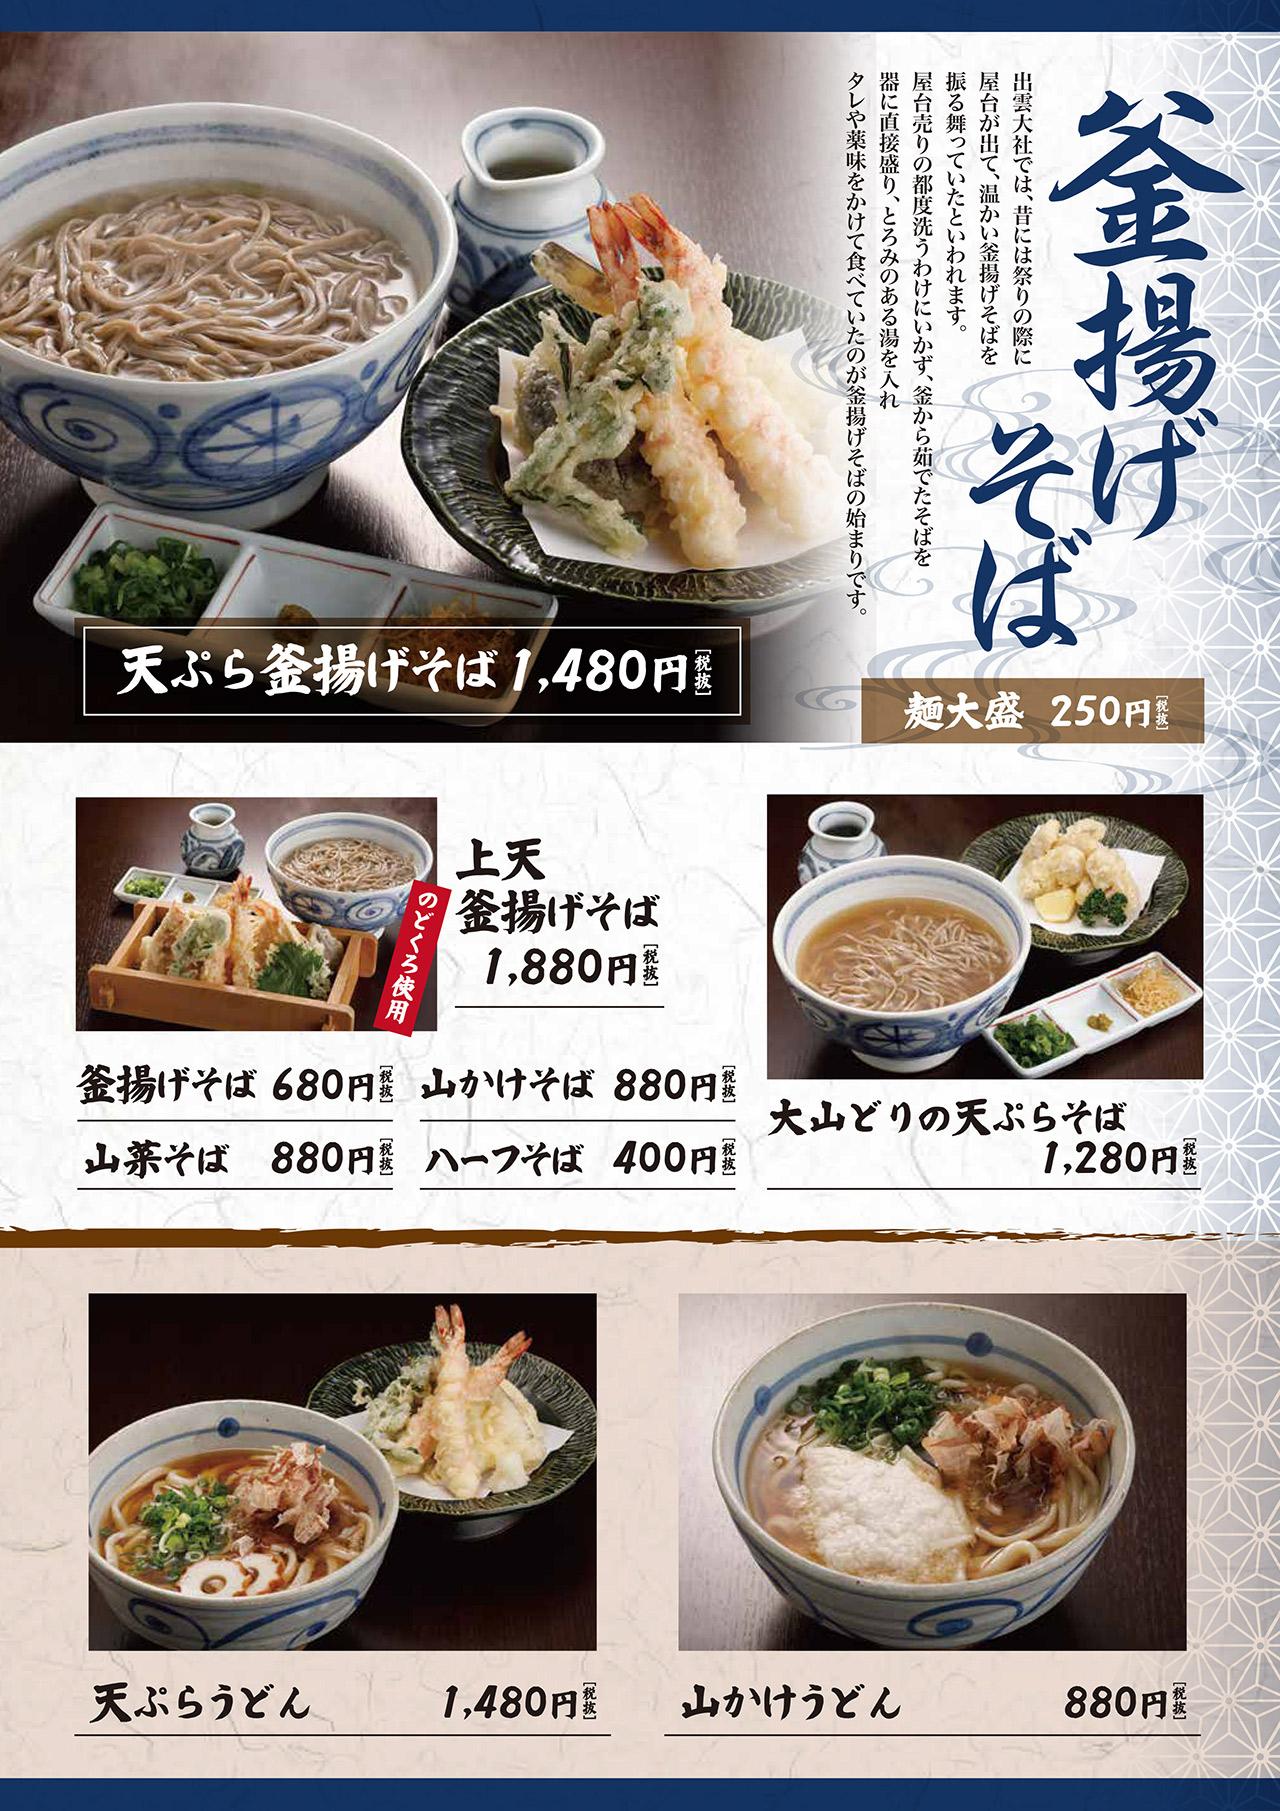 中海の郷メニュー(3)